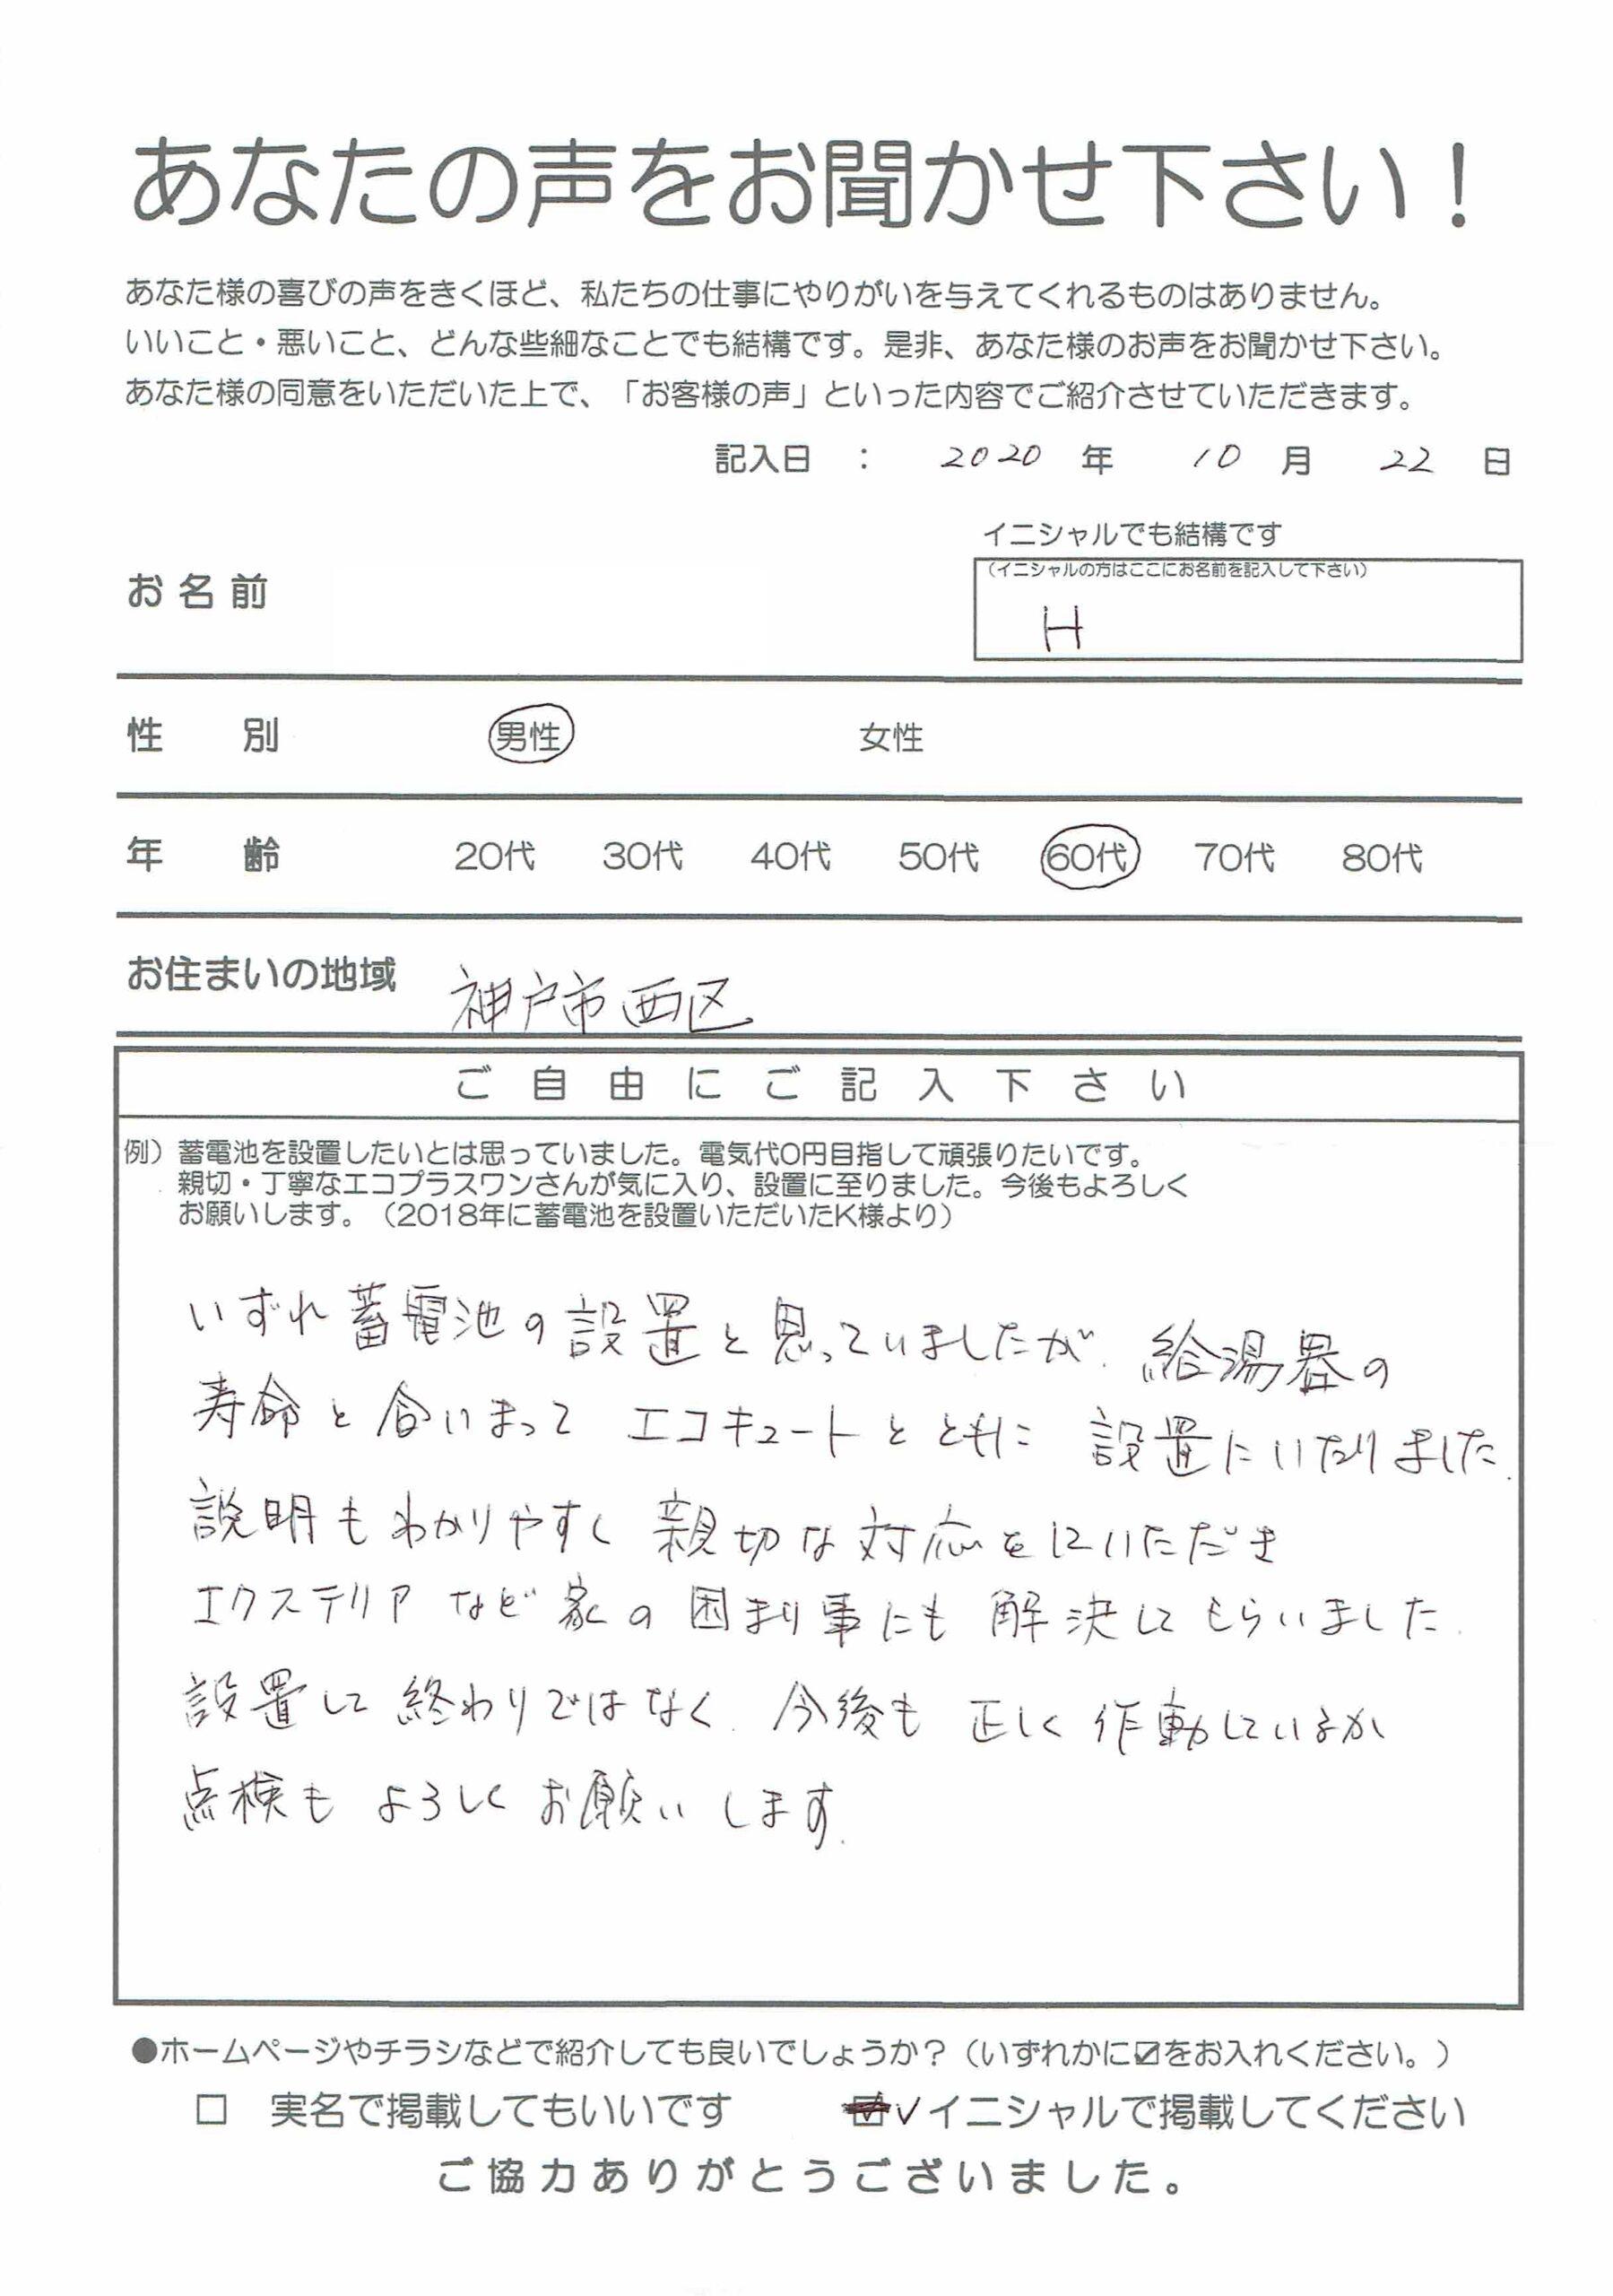 【神戸市・60代】H様